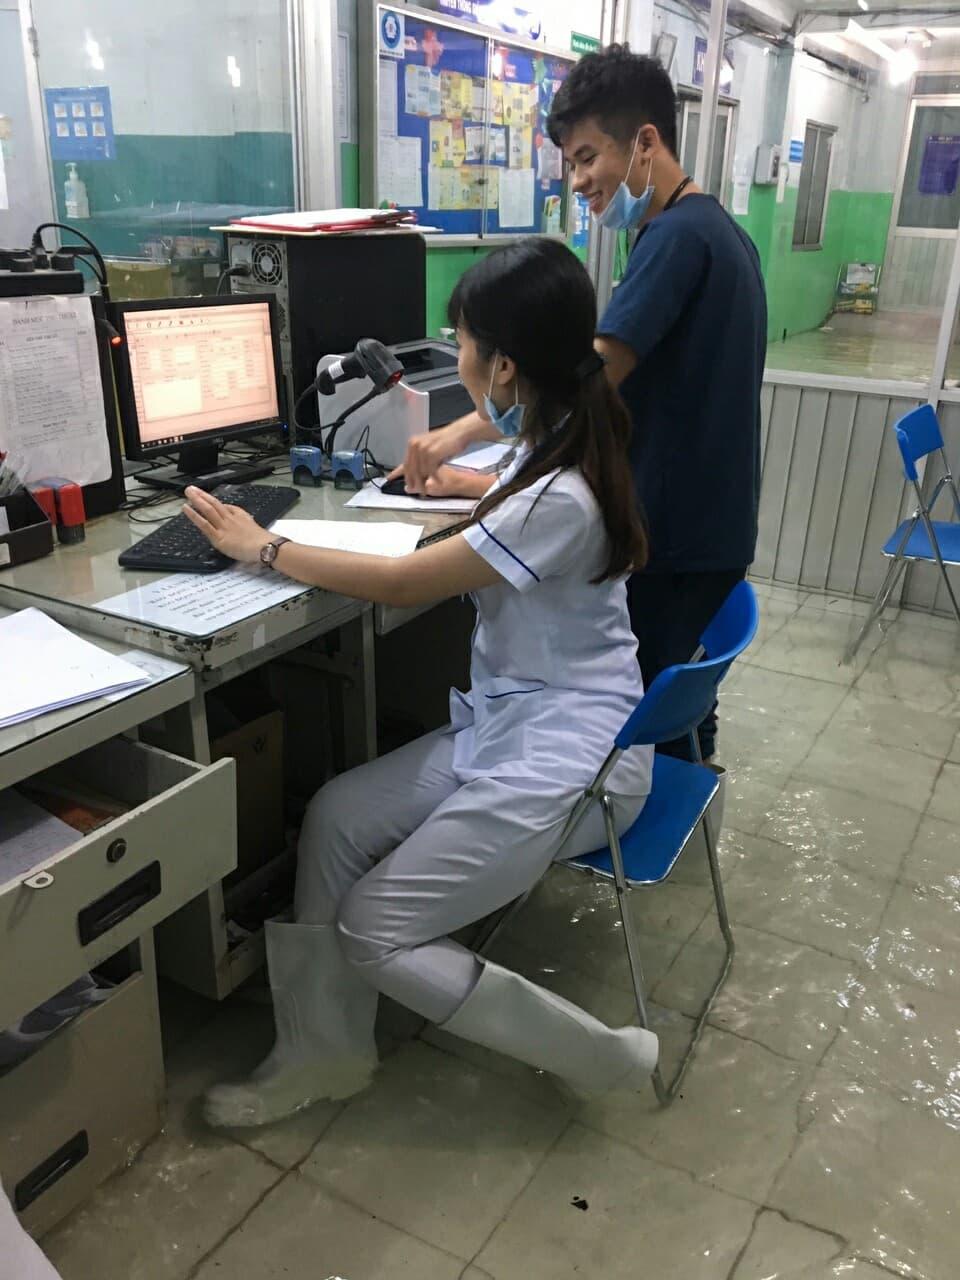 Bệnh viện ở Sài Gòn ngập sâu nửa mét, bác sĩ mang ủng đi khám cho bệnh nhân - Ảnh 1